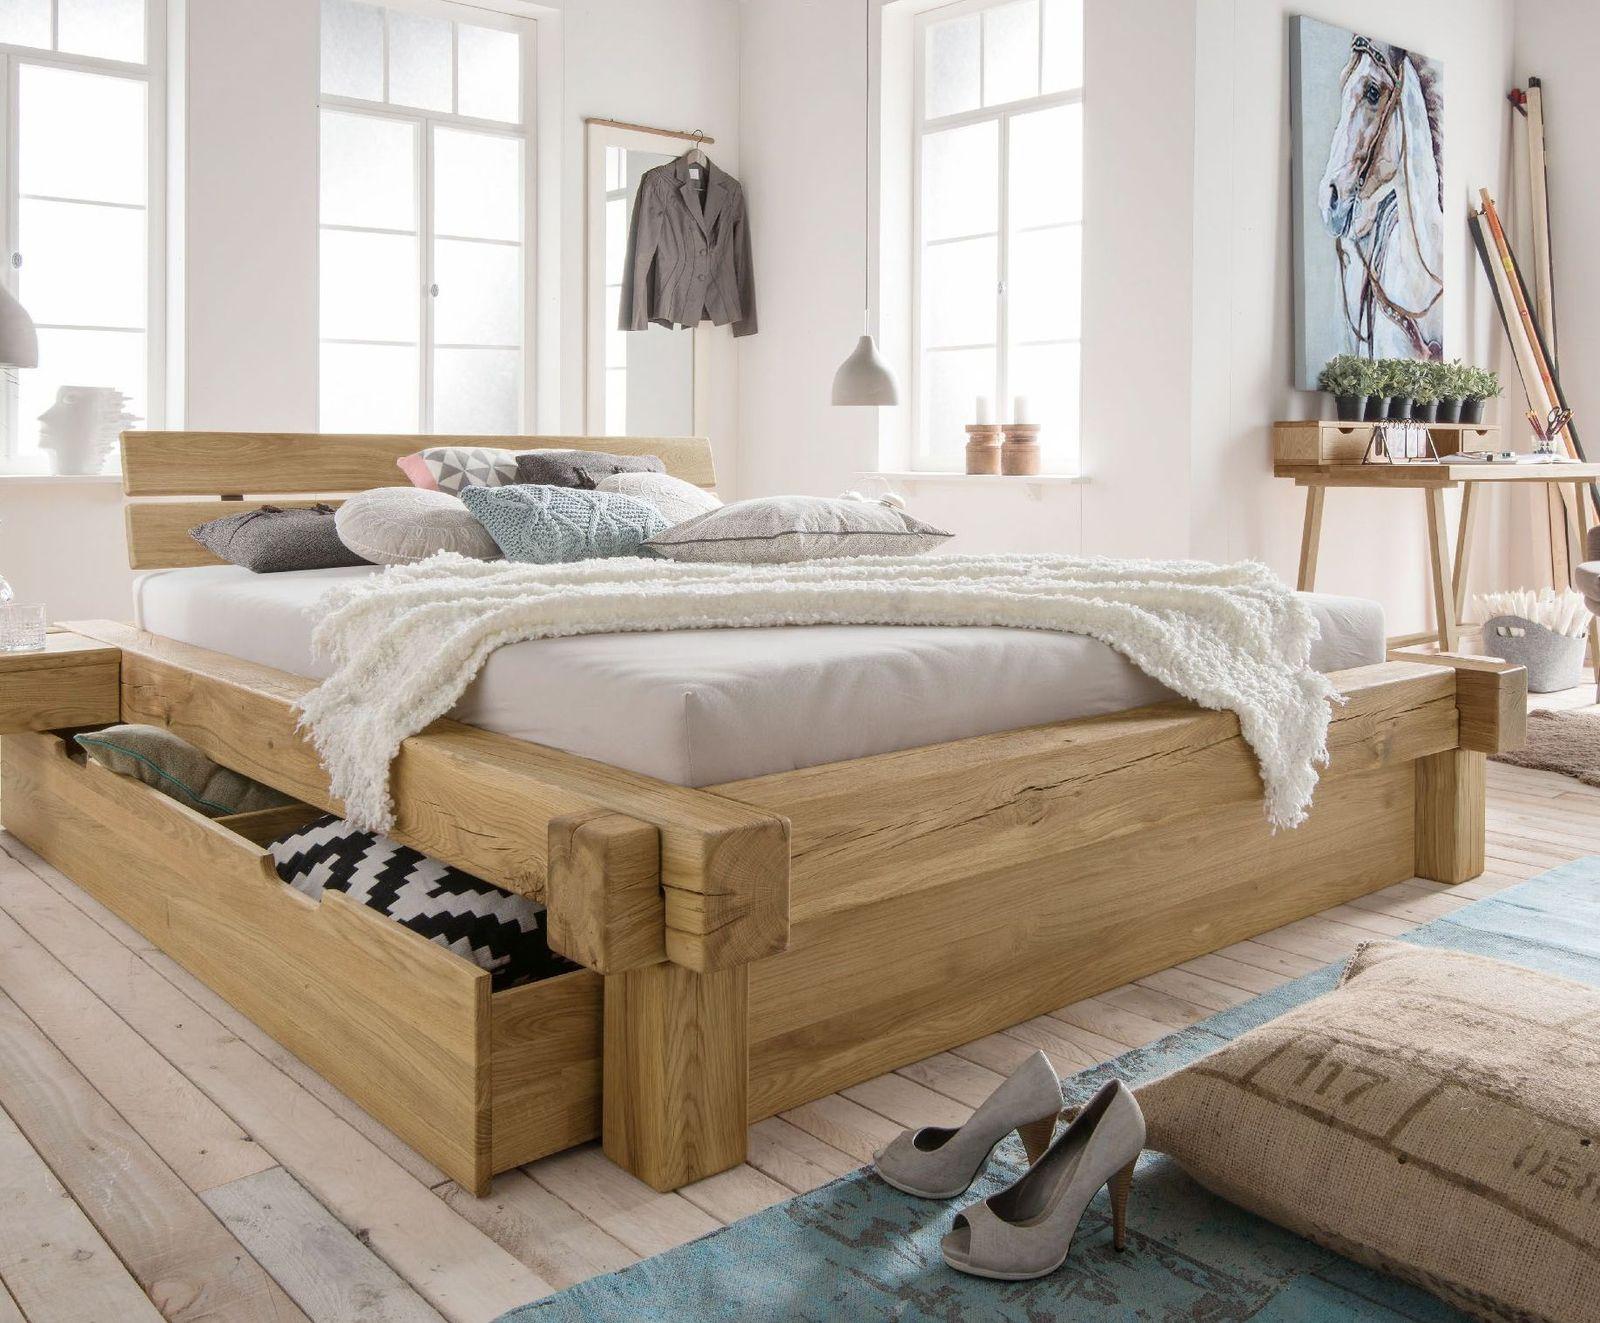 Full Size of Bett Mit Aufbewahrung 100x200 160x200 120x200 140x200 Ikea Malm Aufbau Lattenrost 180x200 Stabile Betten Erkennen Und So Das Selbst Stabilisieren Weiß Bett Bett Mit Aufbewahrung